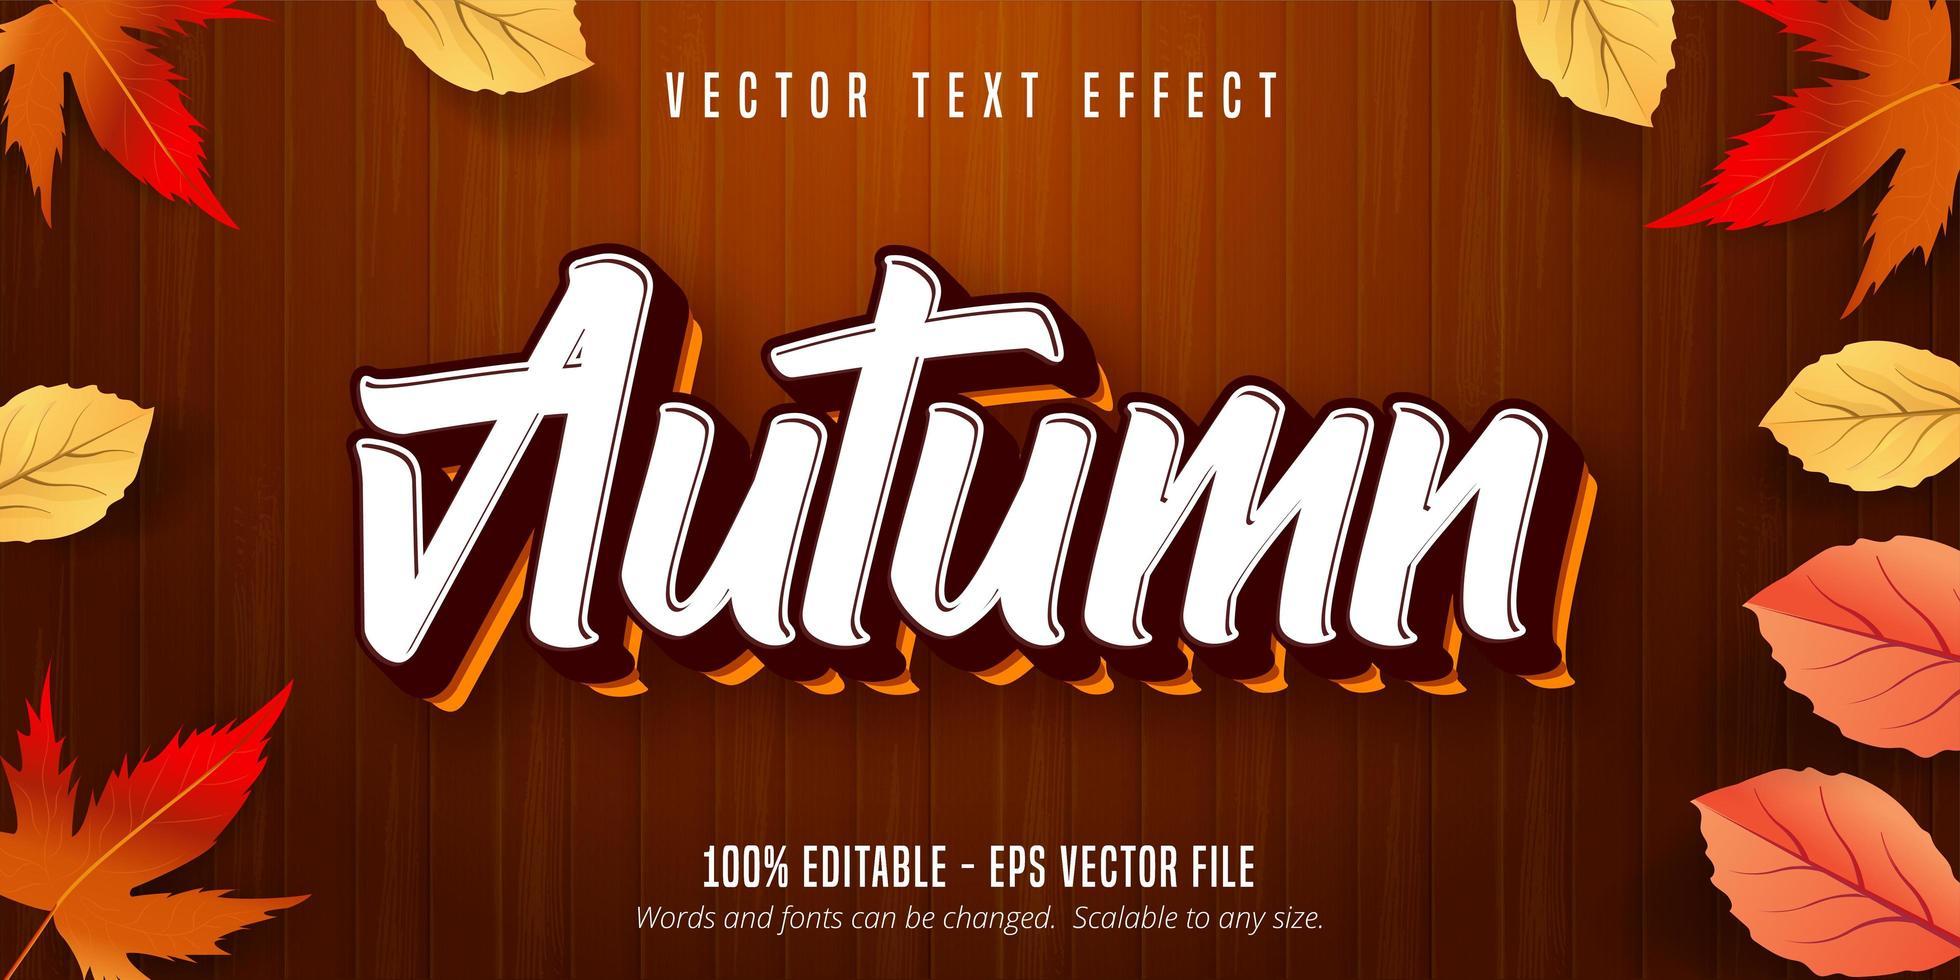 höst stil text effekt på trä textur vektor